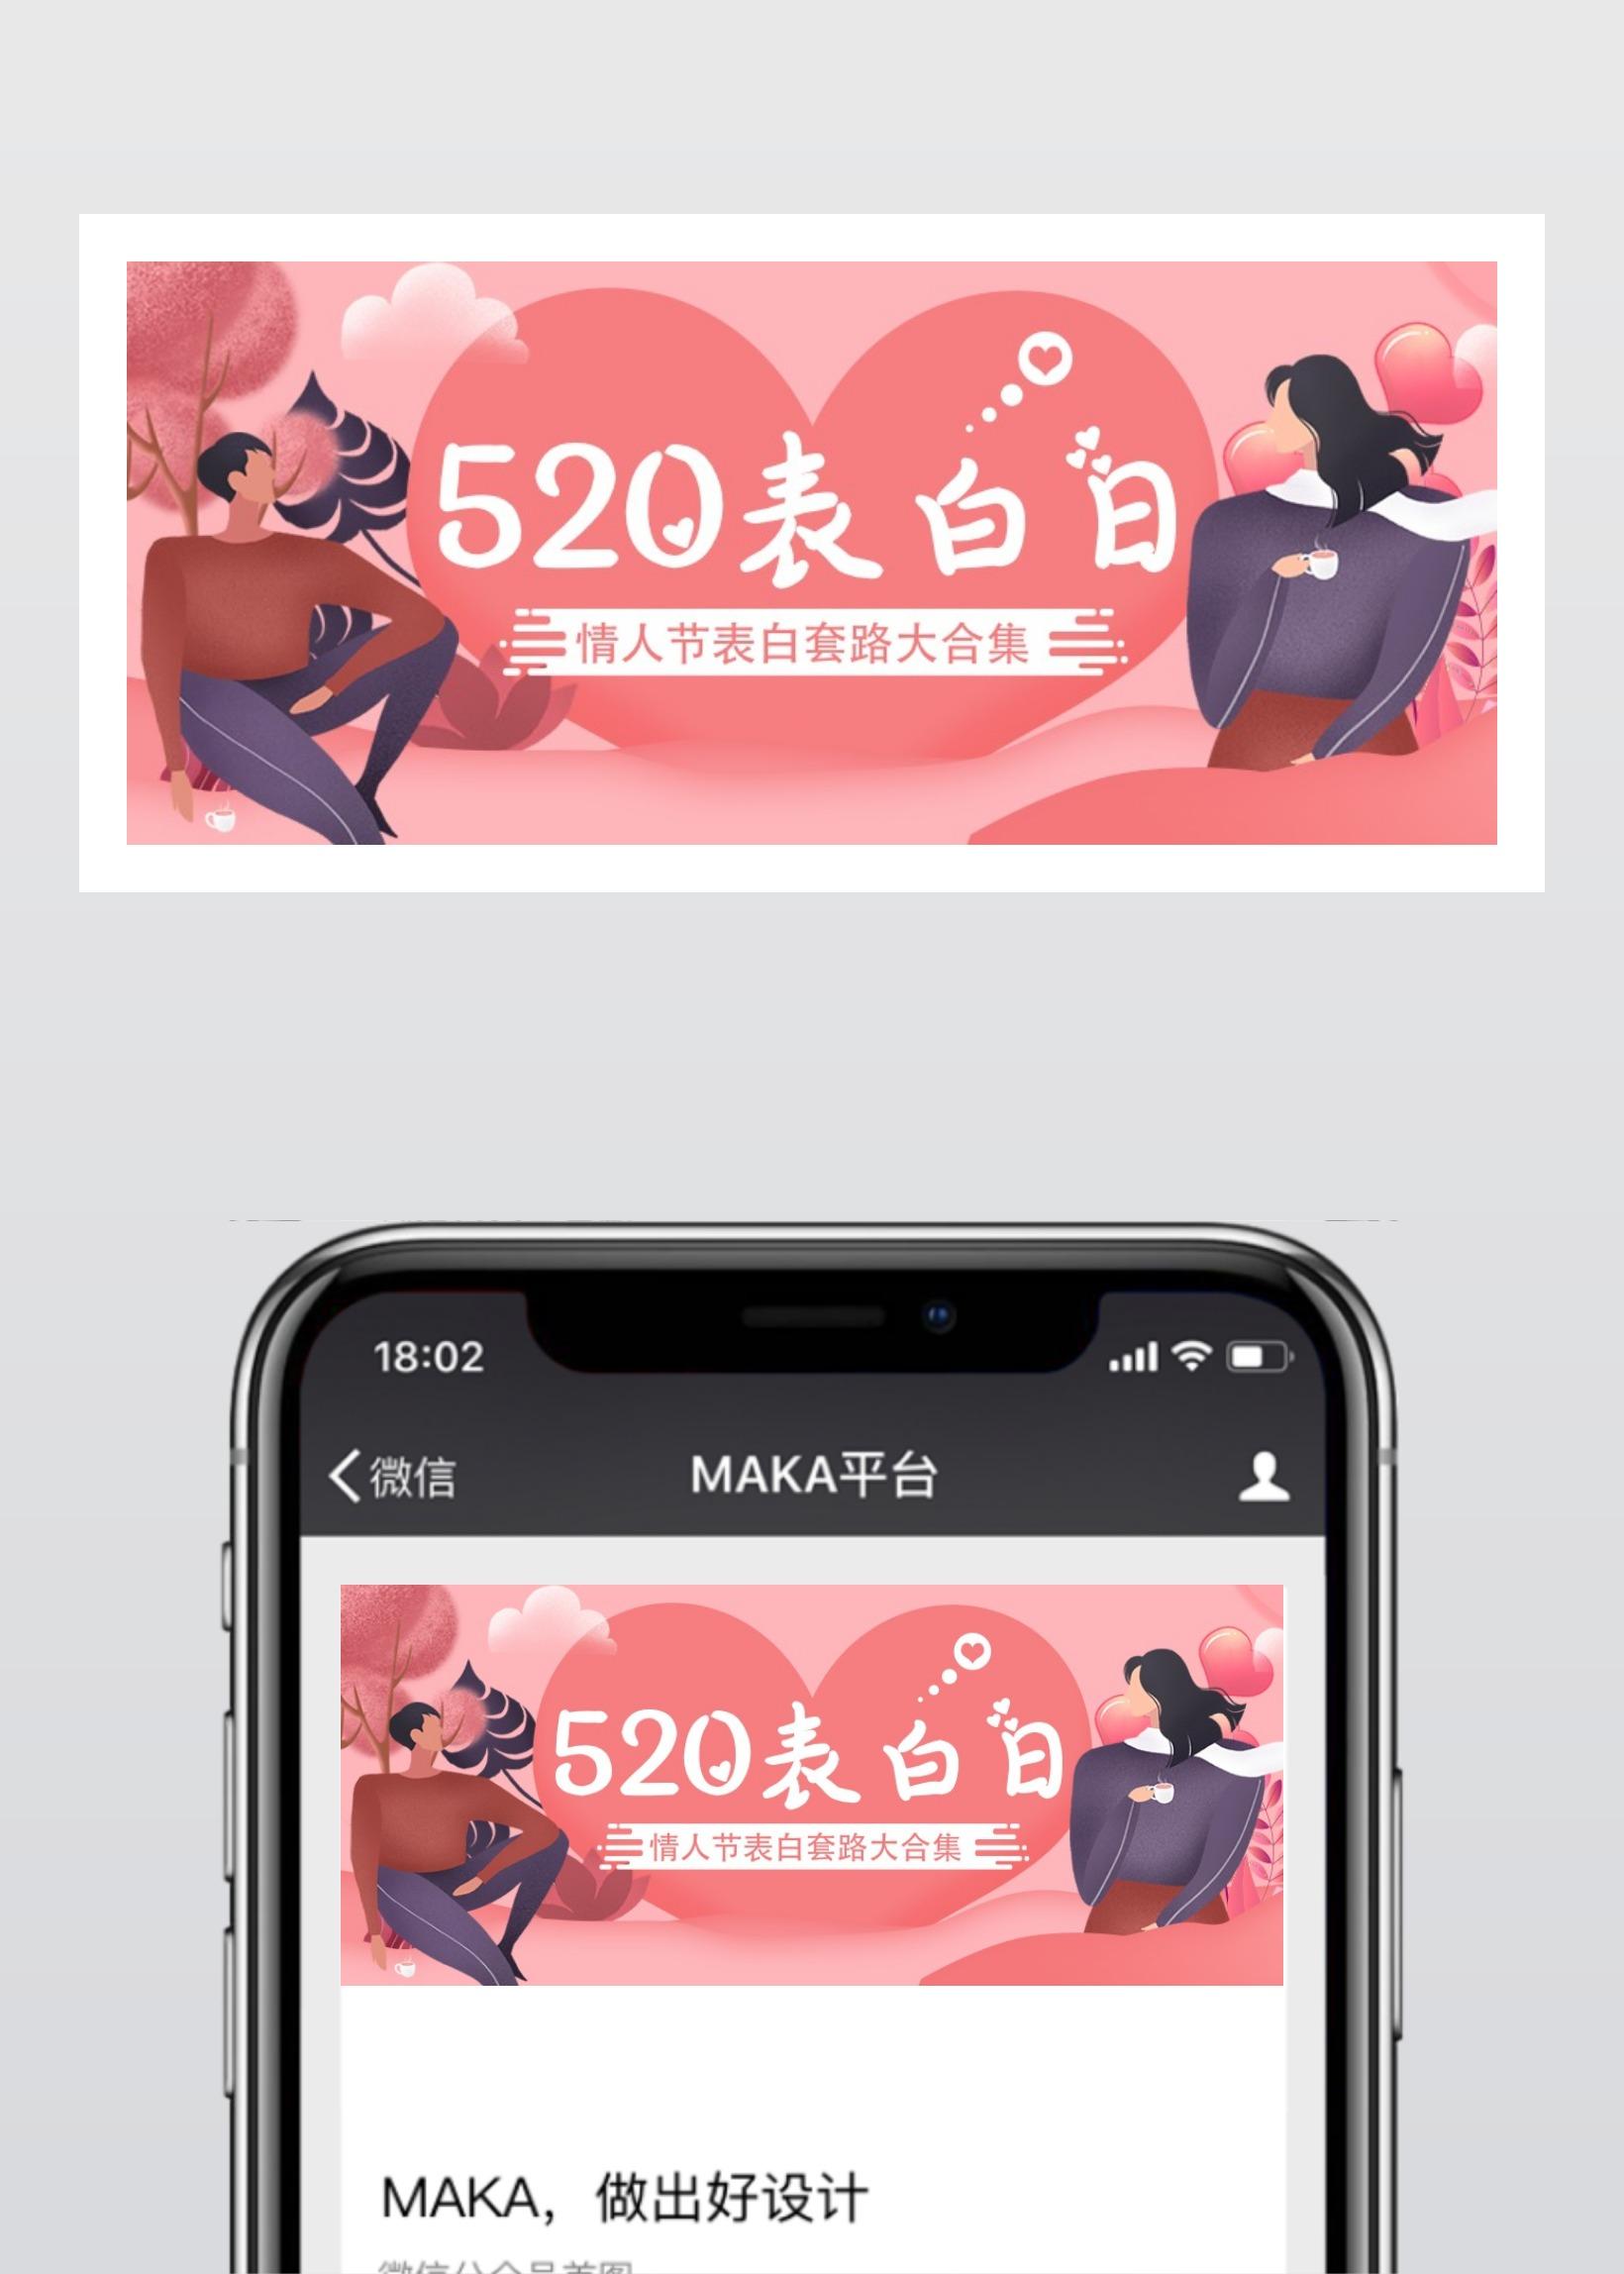 粉色清新可爱520表白套路活动微信公众号封面大图